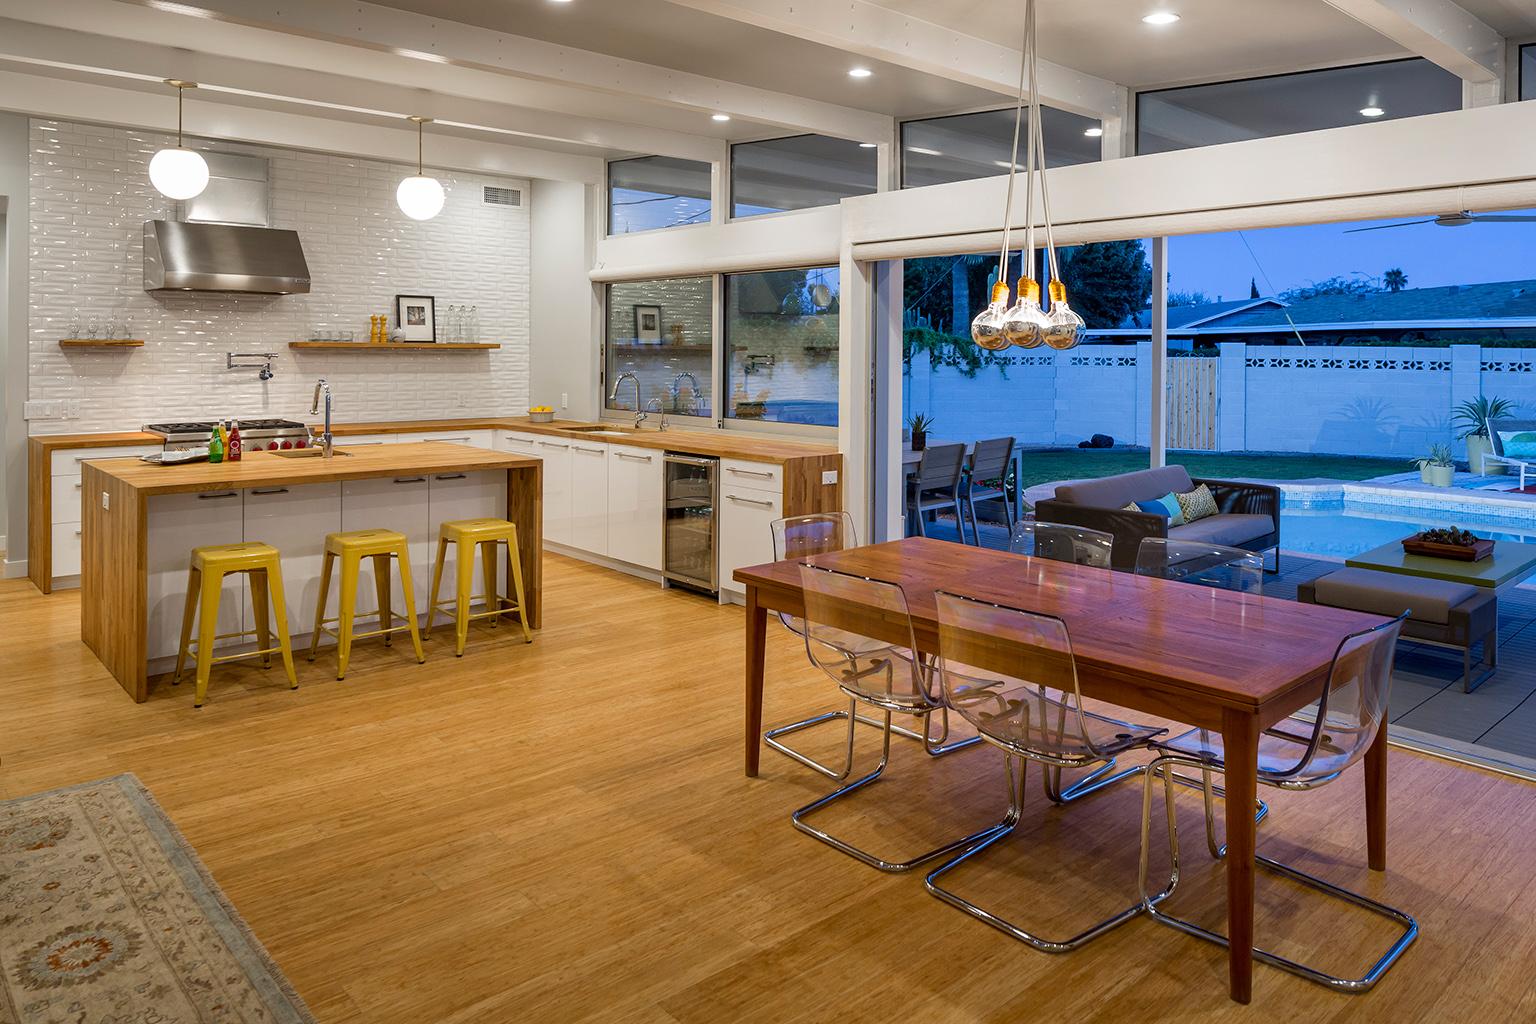 Schreiber home_kitchen and dining (2).jpg